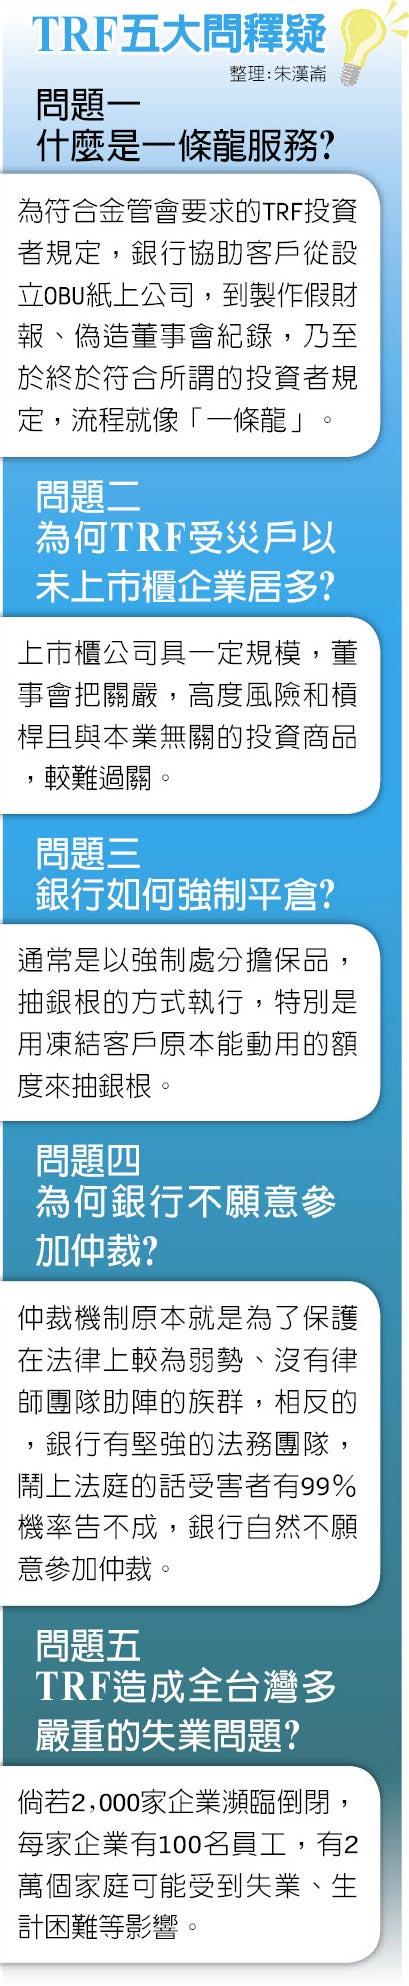 TRF五大問釋疑